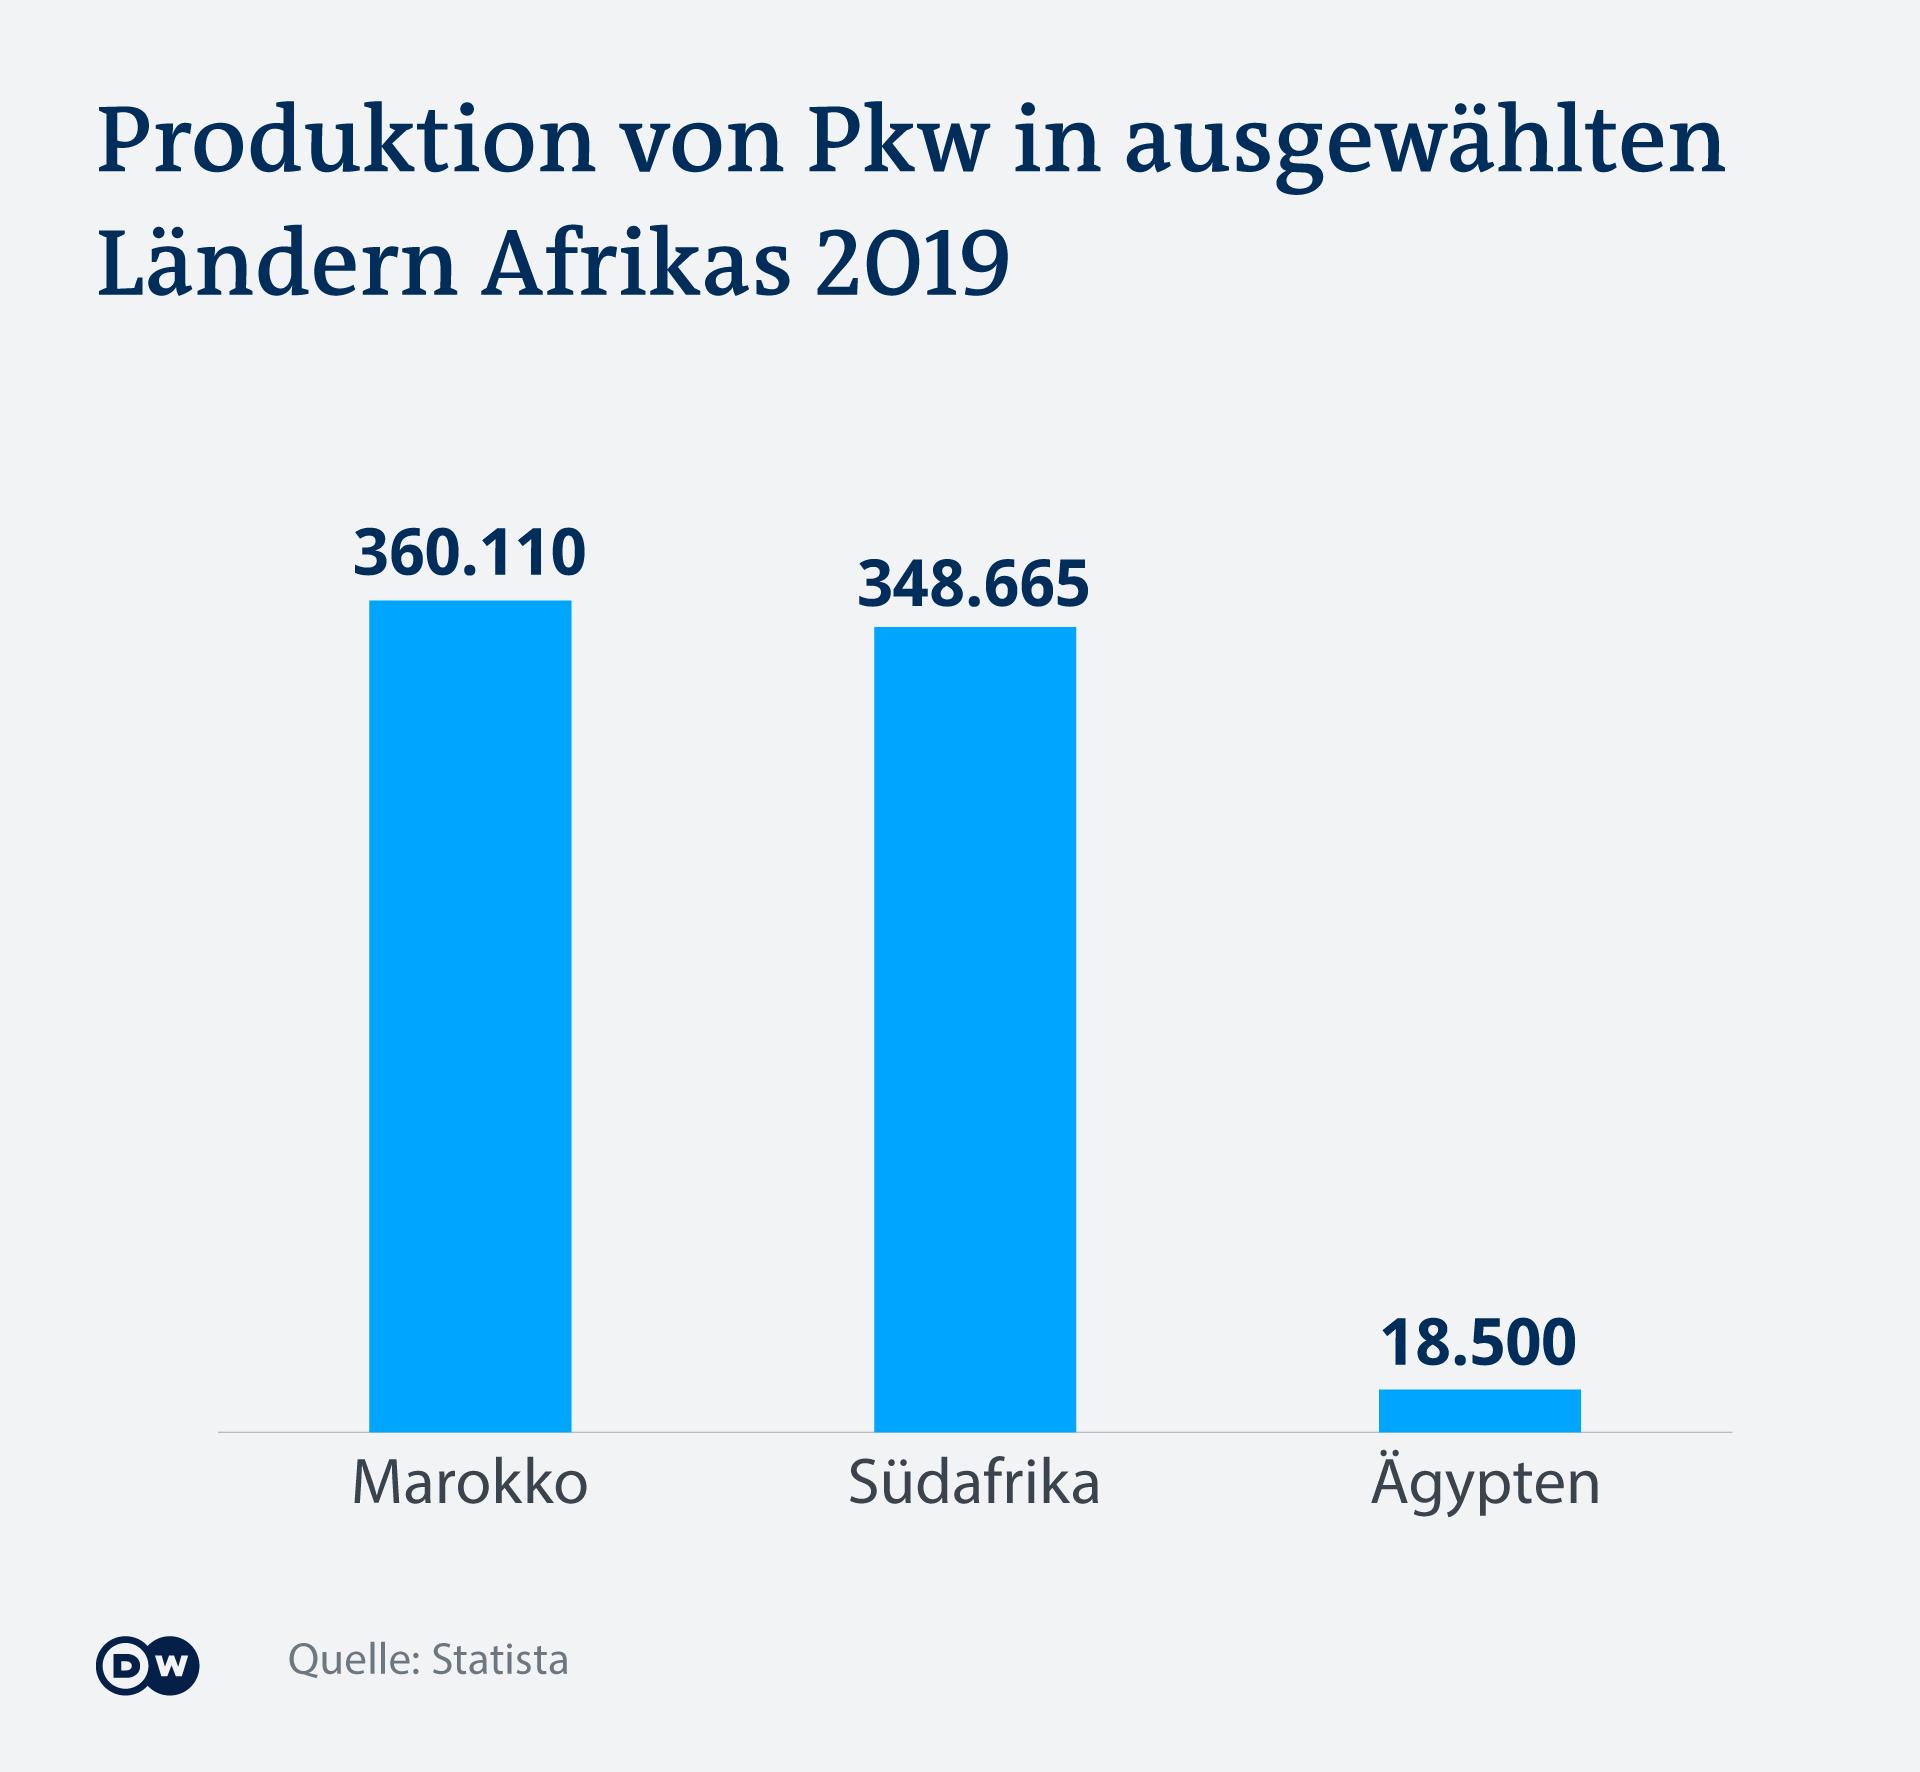 Der Großteil der Autoproduktion findet in zwei Ländern statt